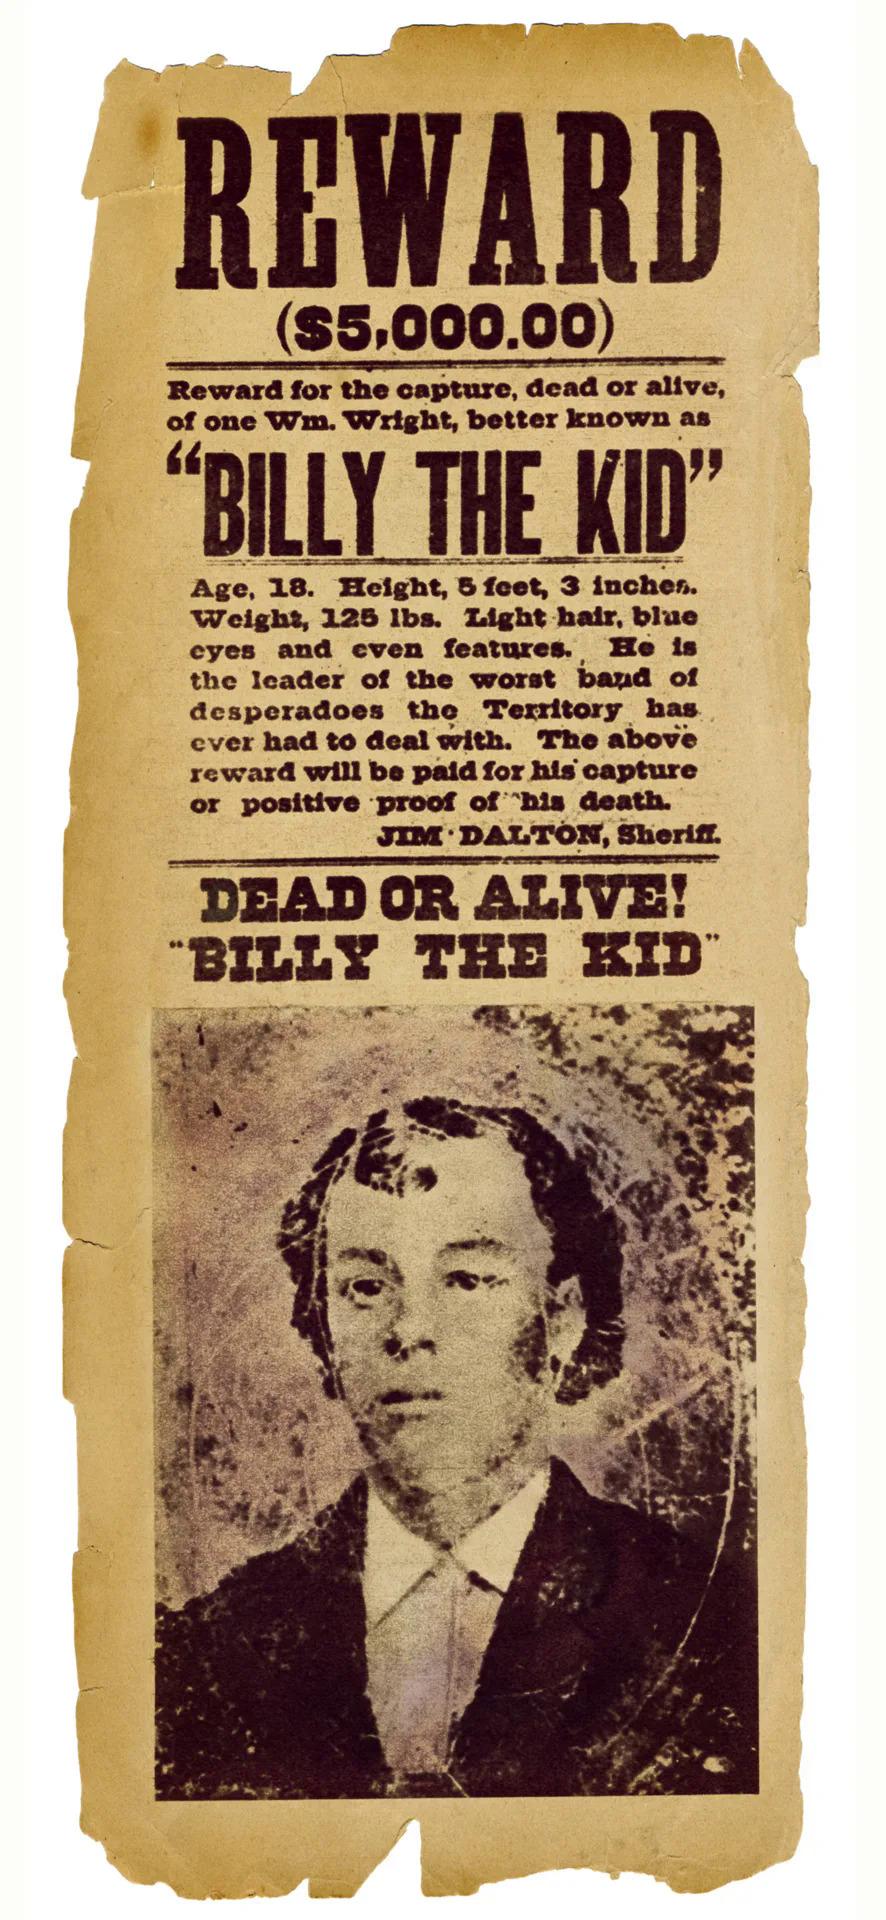 Một áp phích truy nã dành Billy the Kid, năm 1877. Ảnh: Fototeca Gilardi